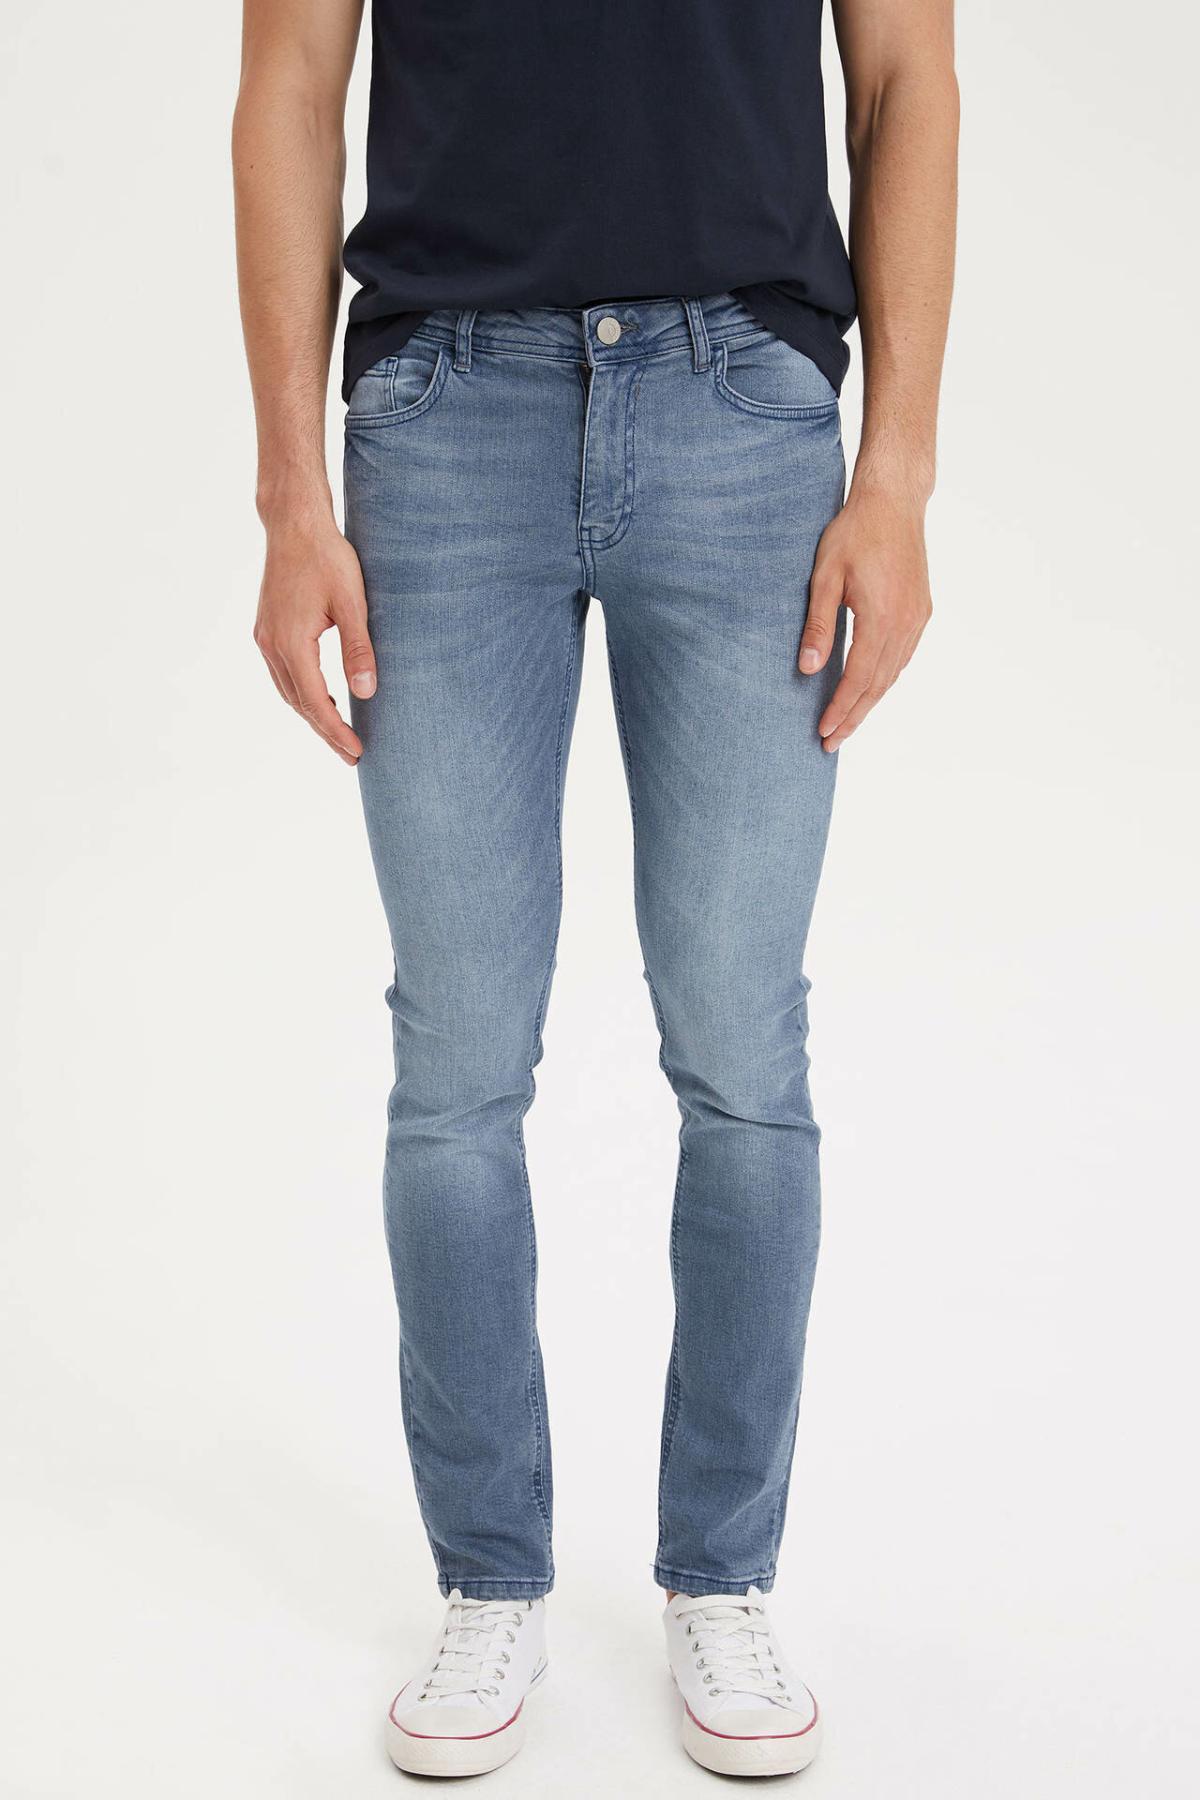 DeFacto Man Trousers-K8701AZ19SM